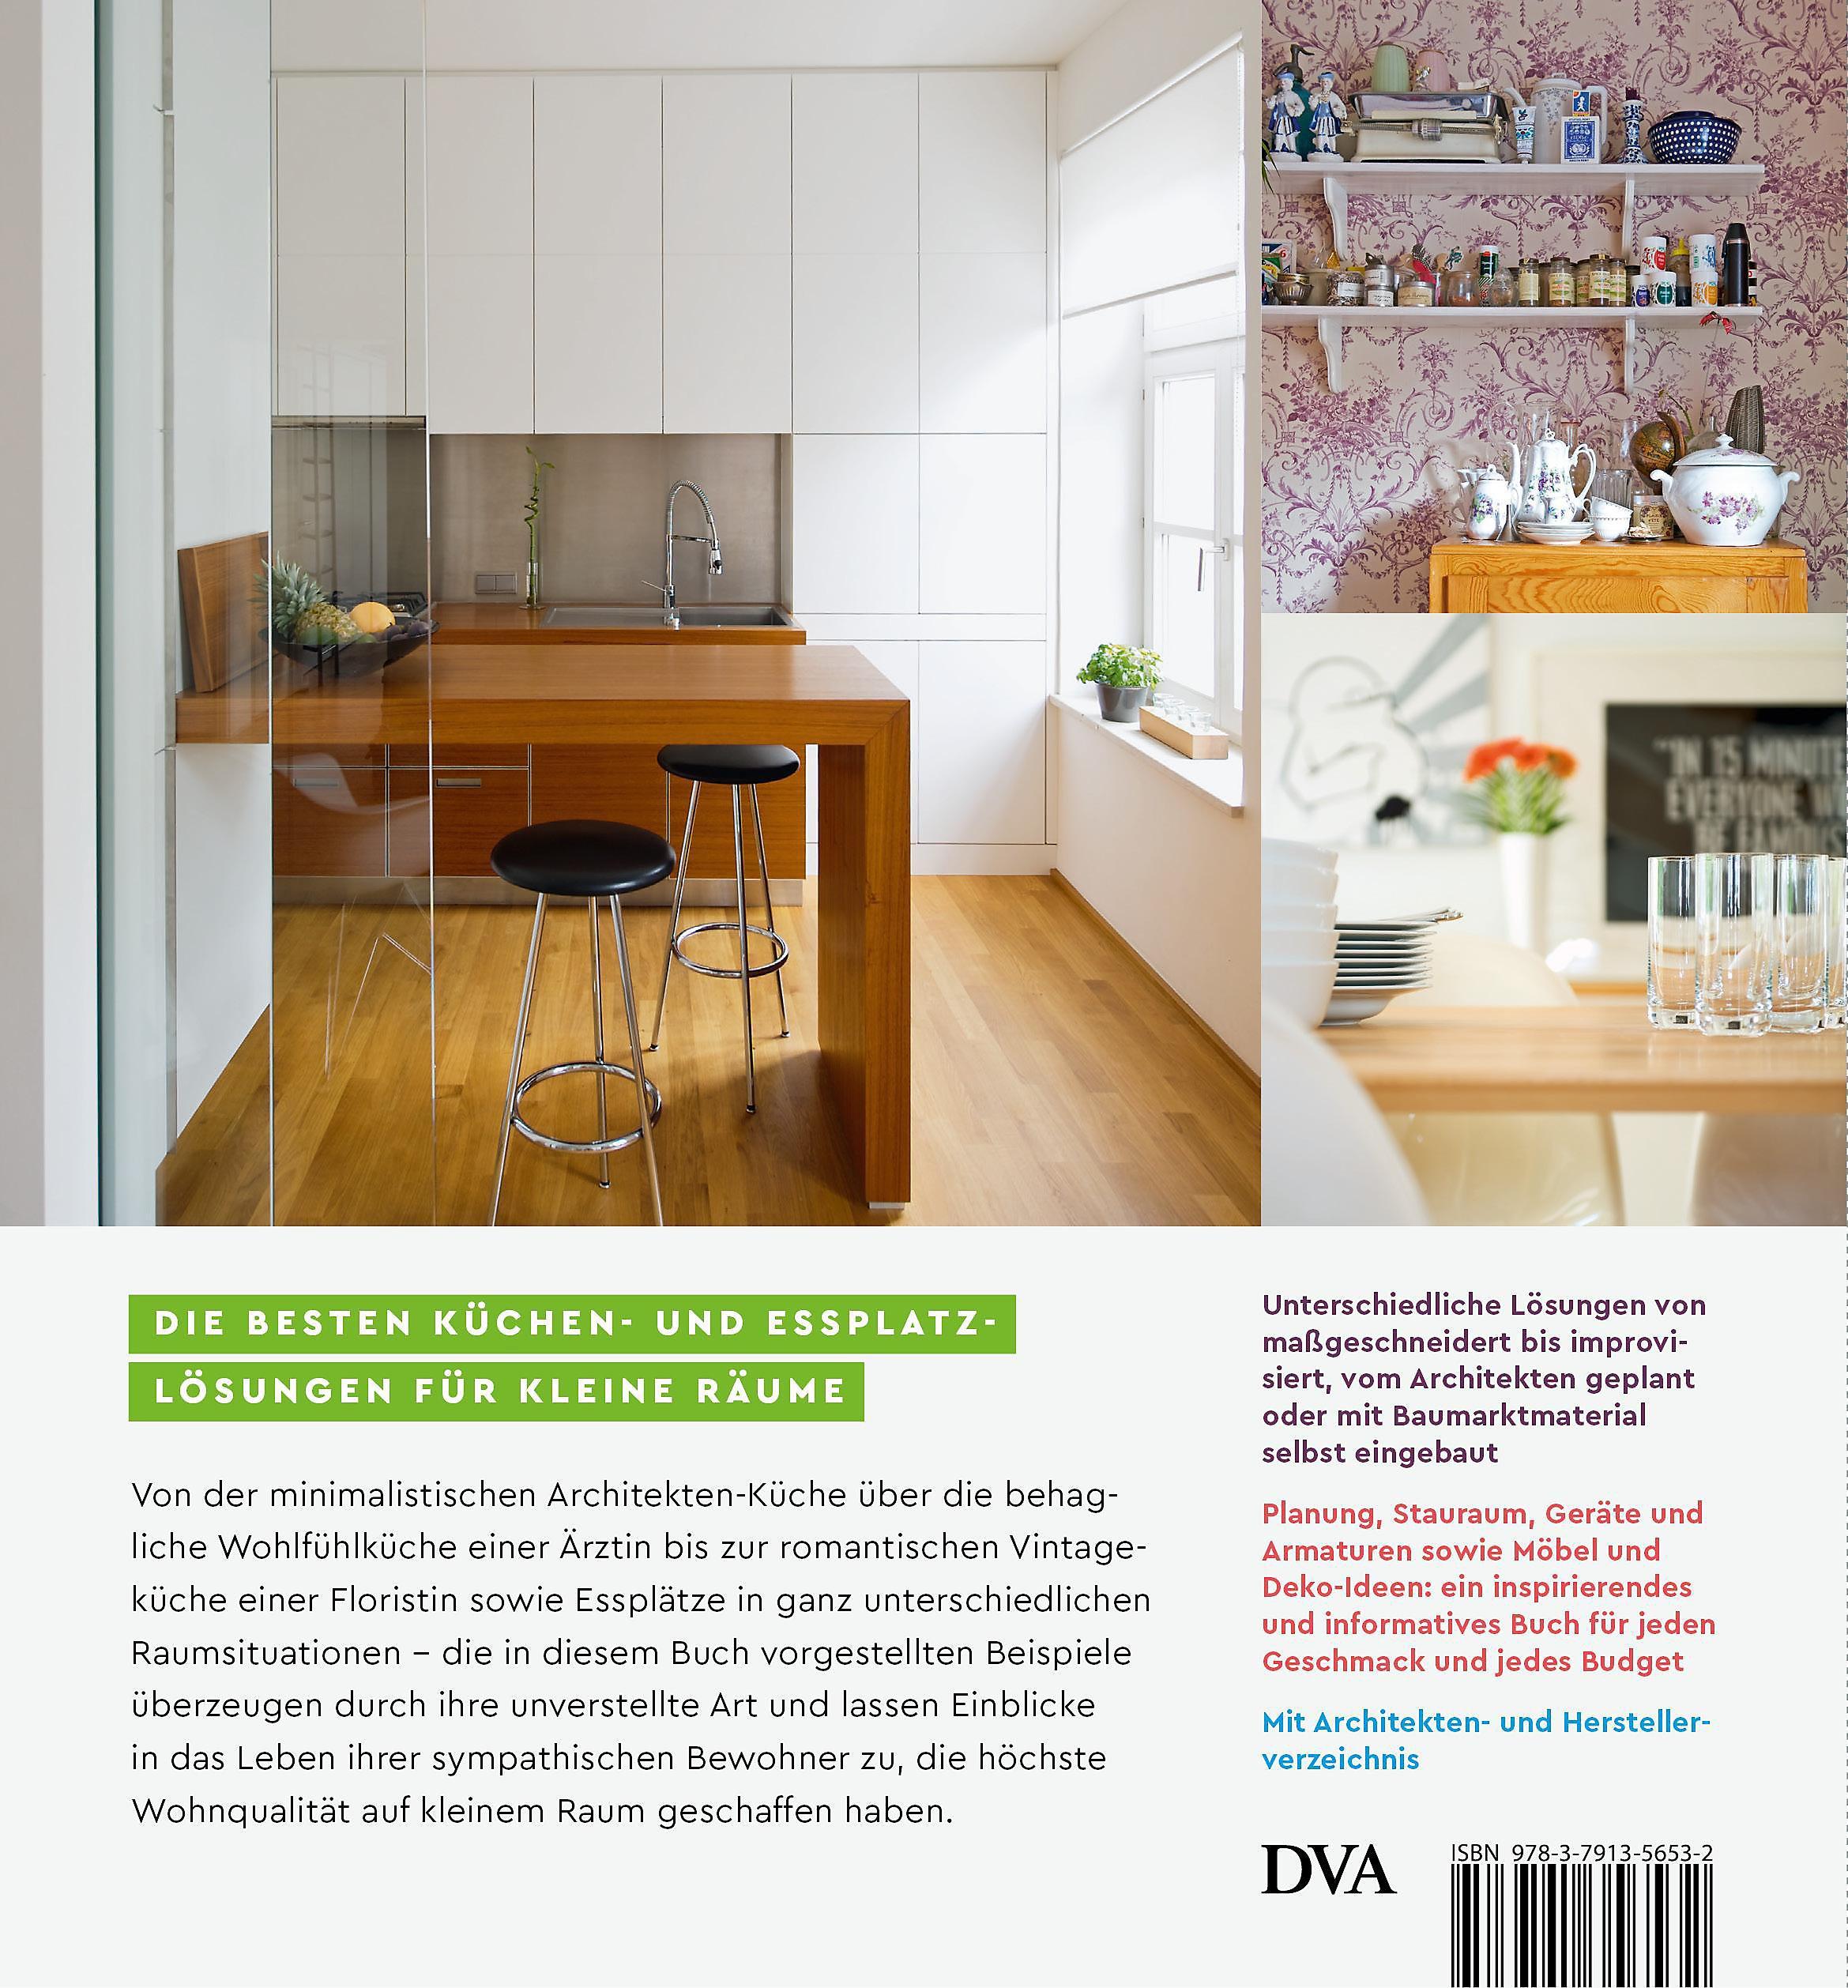 Kleine Küchen & Essplätze Buch portofrei bei Weltbild.de